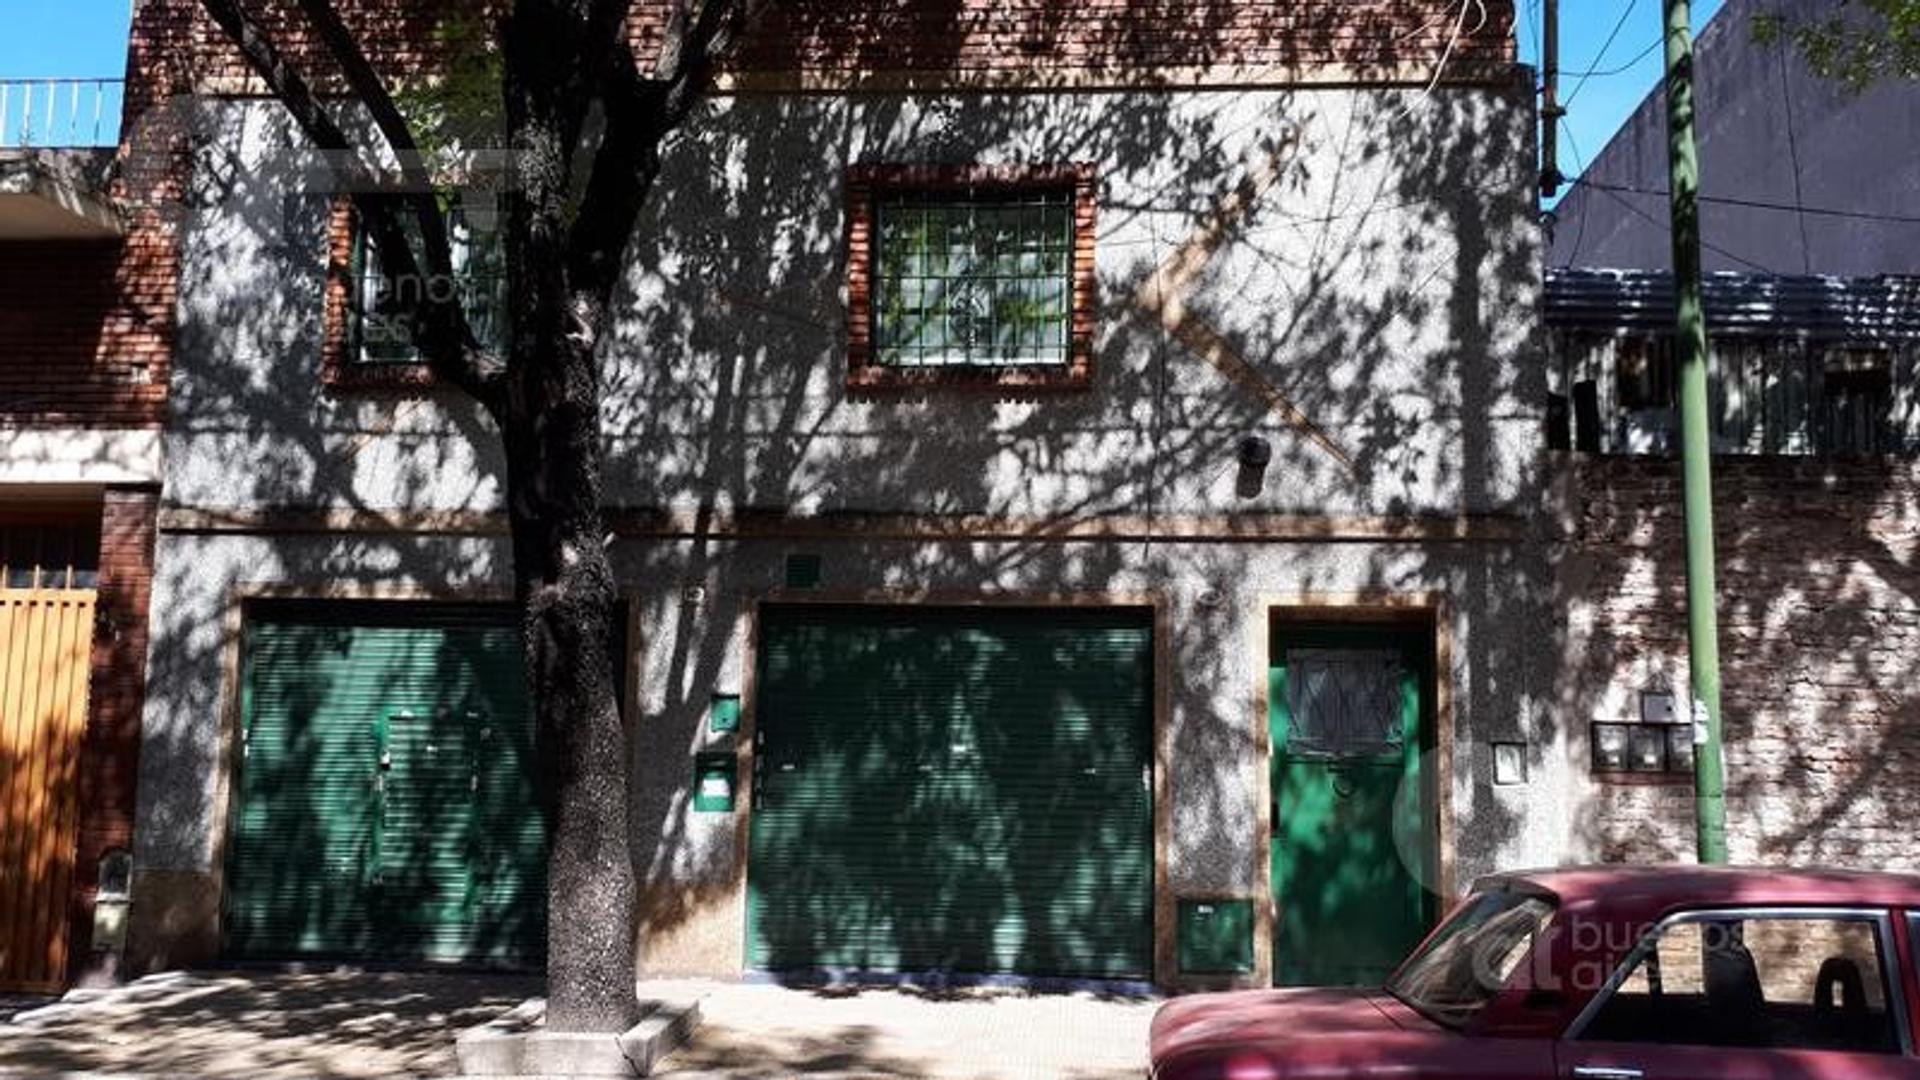 2 Locales - 2 ambientes y terraza  - Barracas